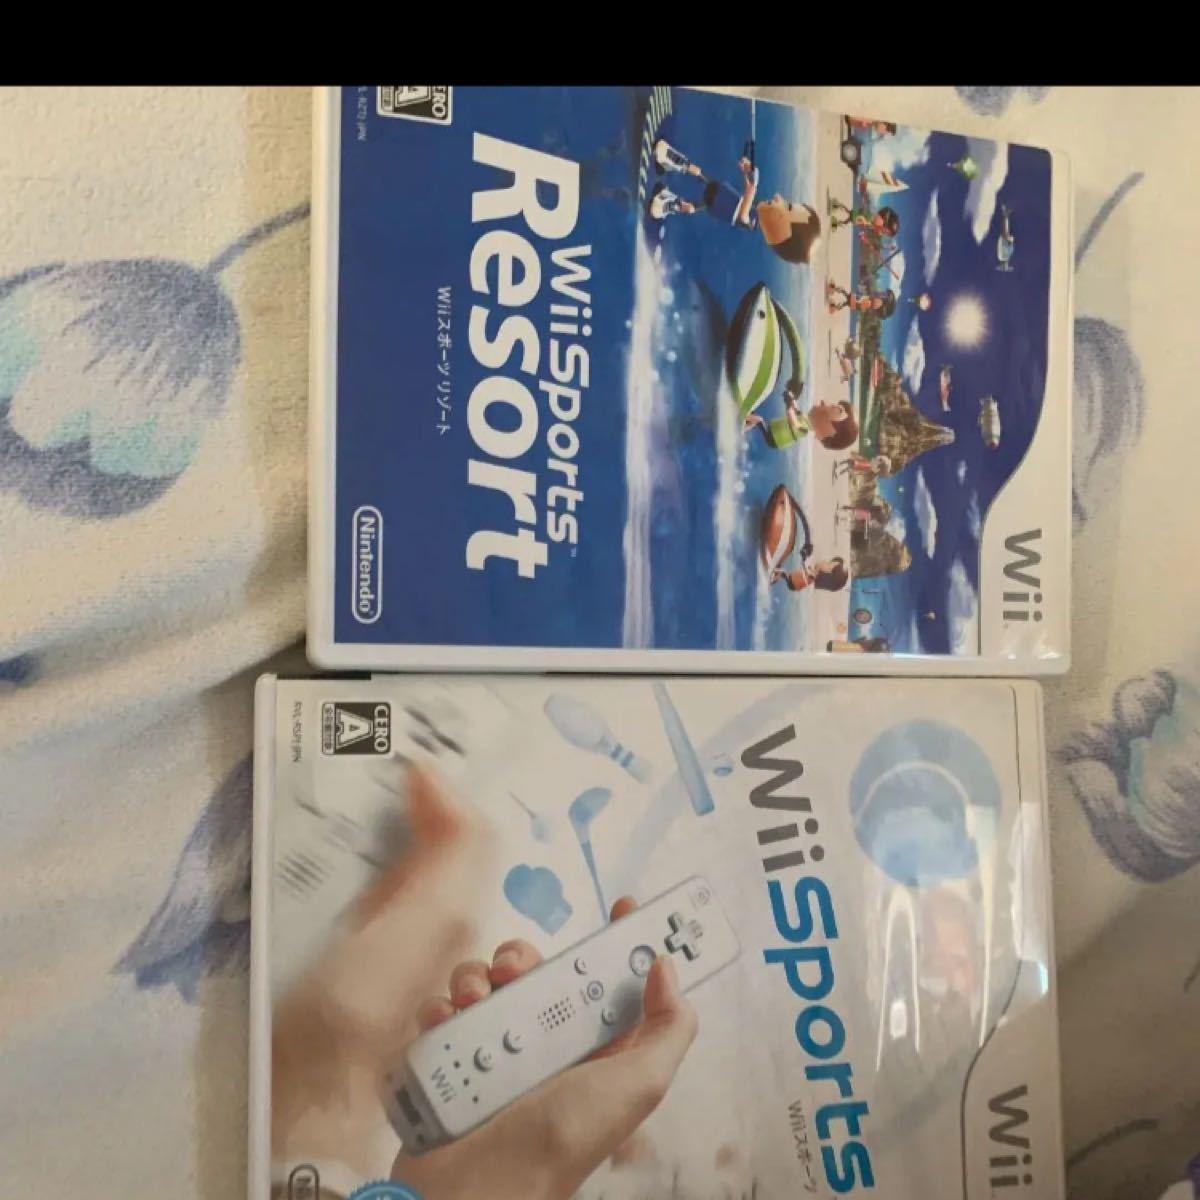 Wii スポーツ & wii sports resort 動作確認済み セット